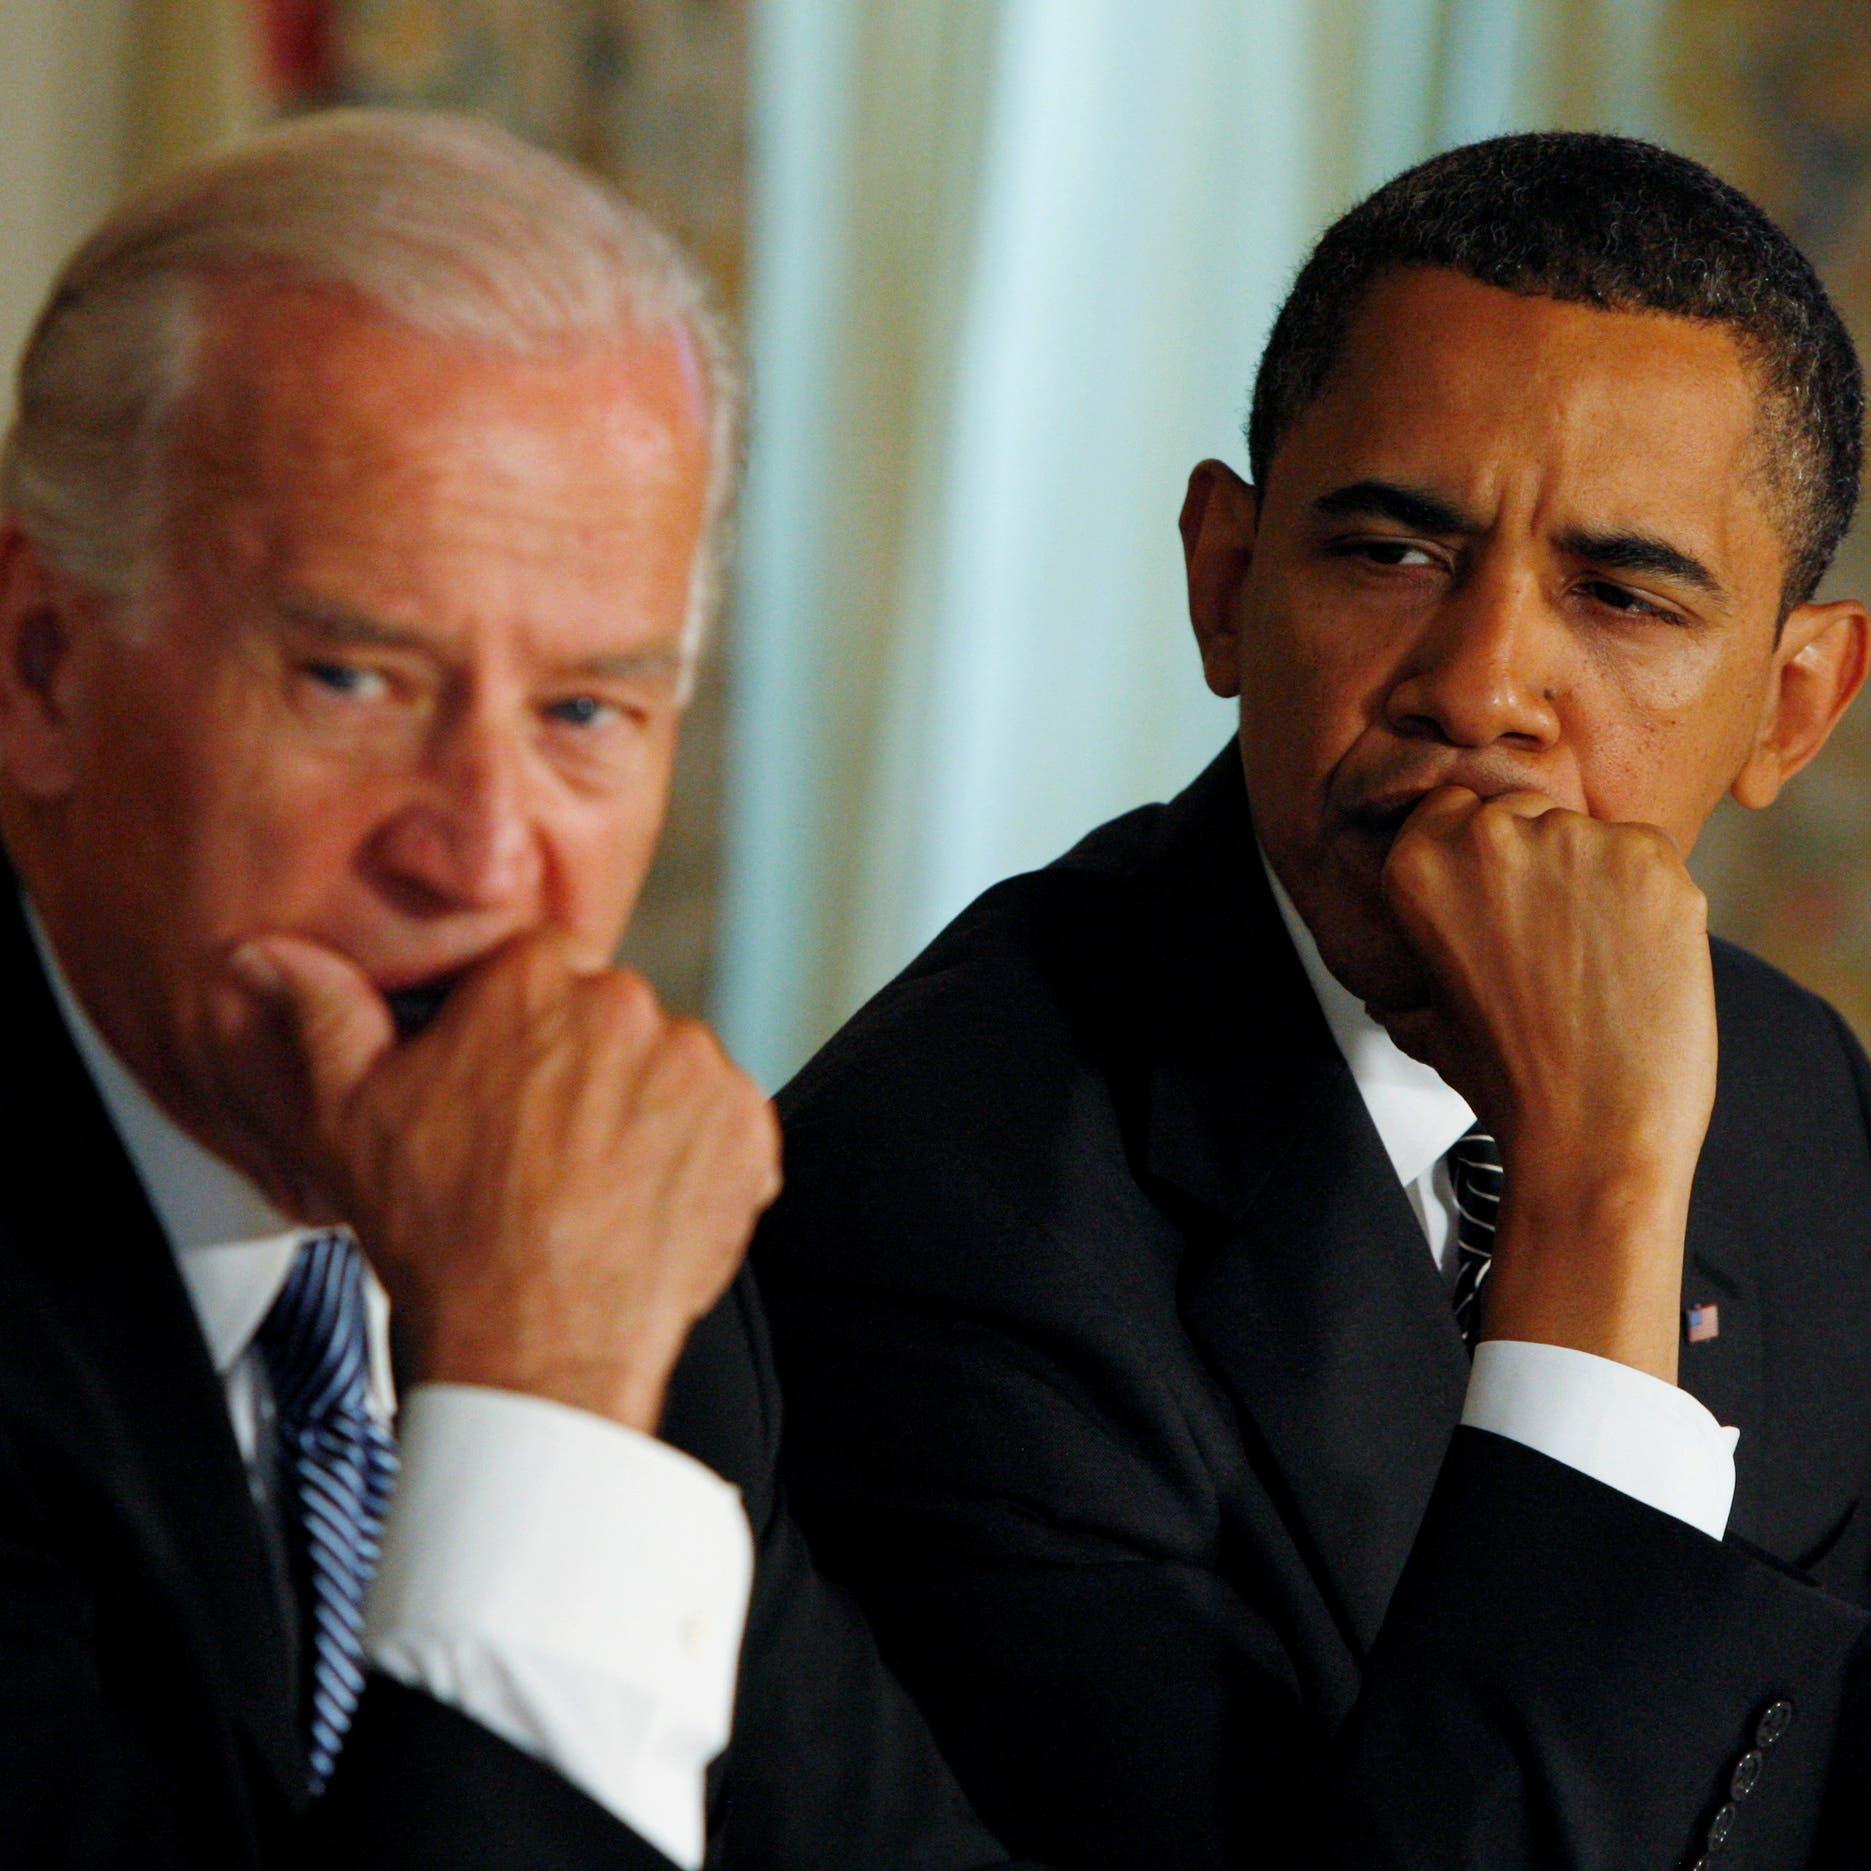 """""""بايدن يكمل ما بدأته""""..ماذا قال أوباما عن صديقه الصدوق؟"""